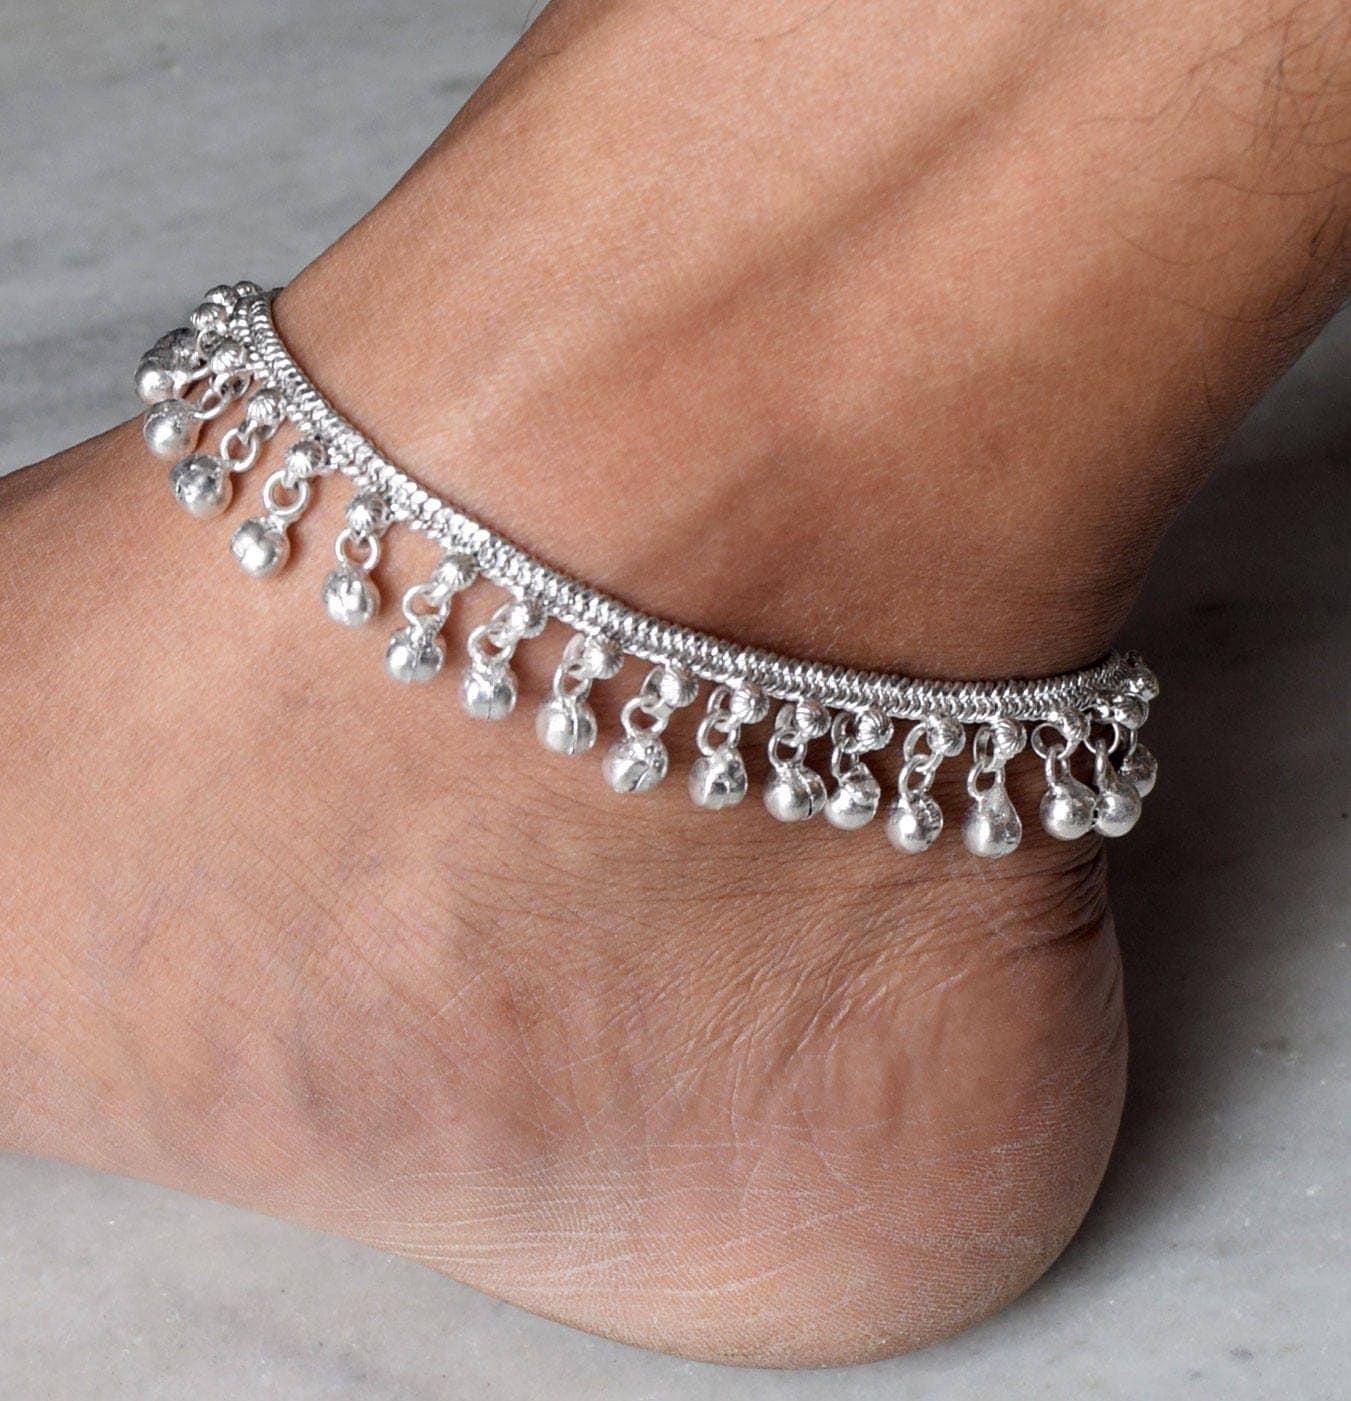 Anklet Silver Anklet Ankle Chain Bells Anklet Bracelet